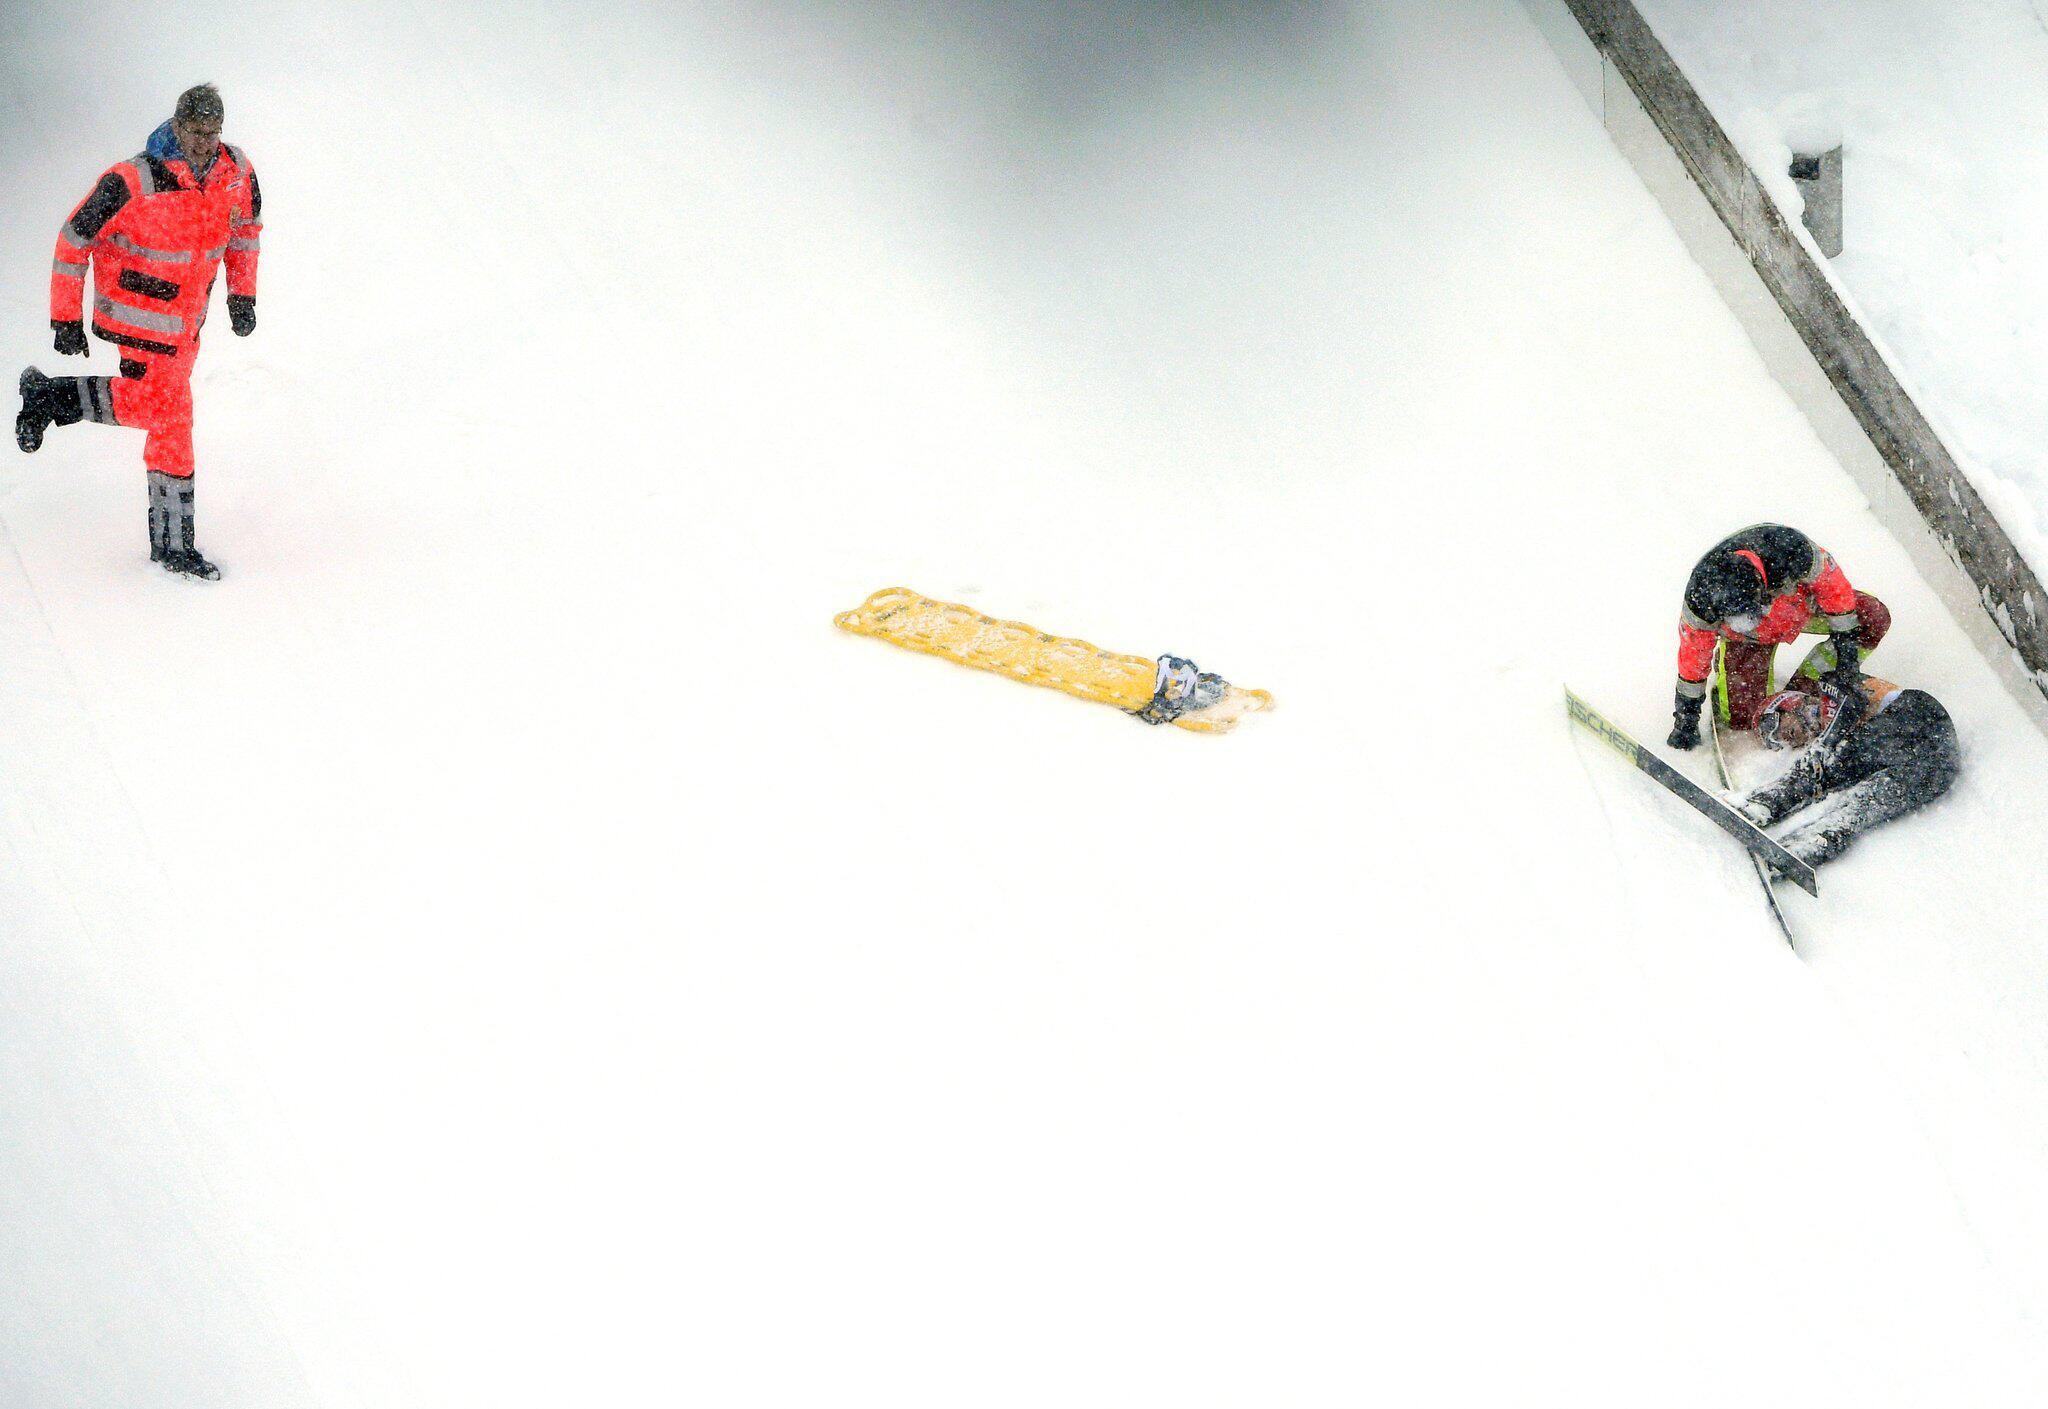 Bild zu Weltcup Frauen Skispringen in Hinterzarten